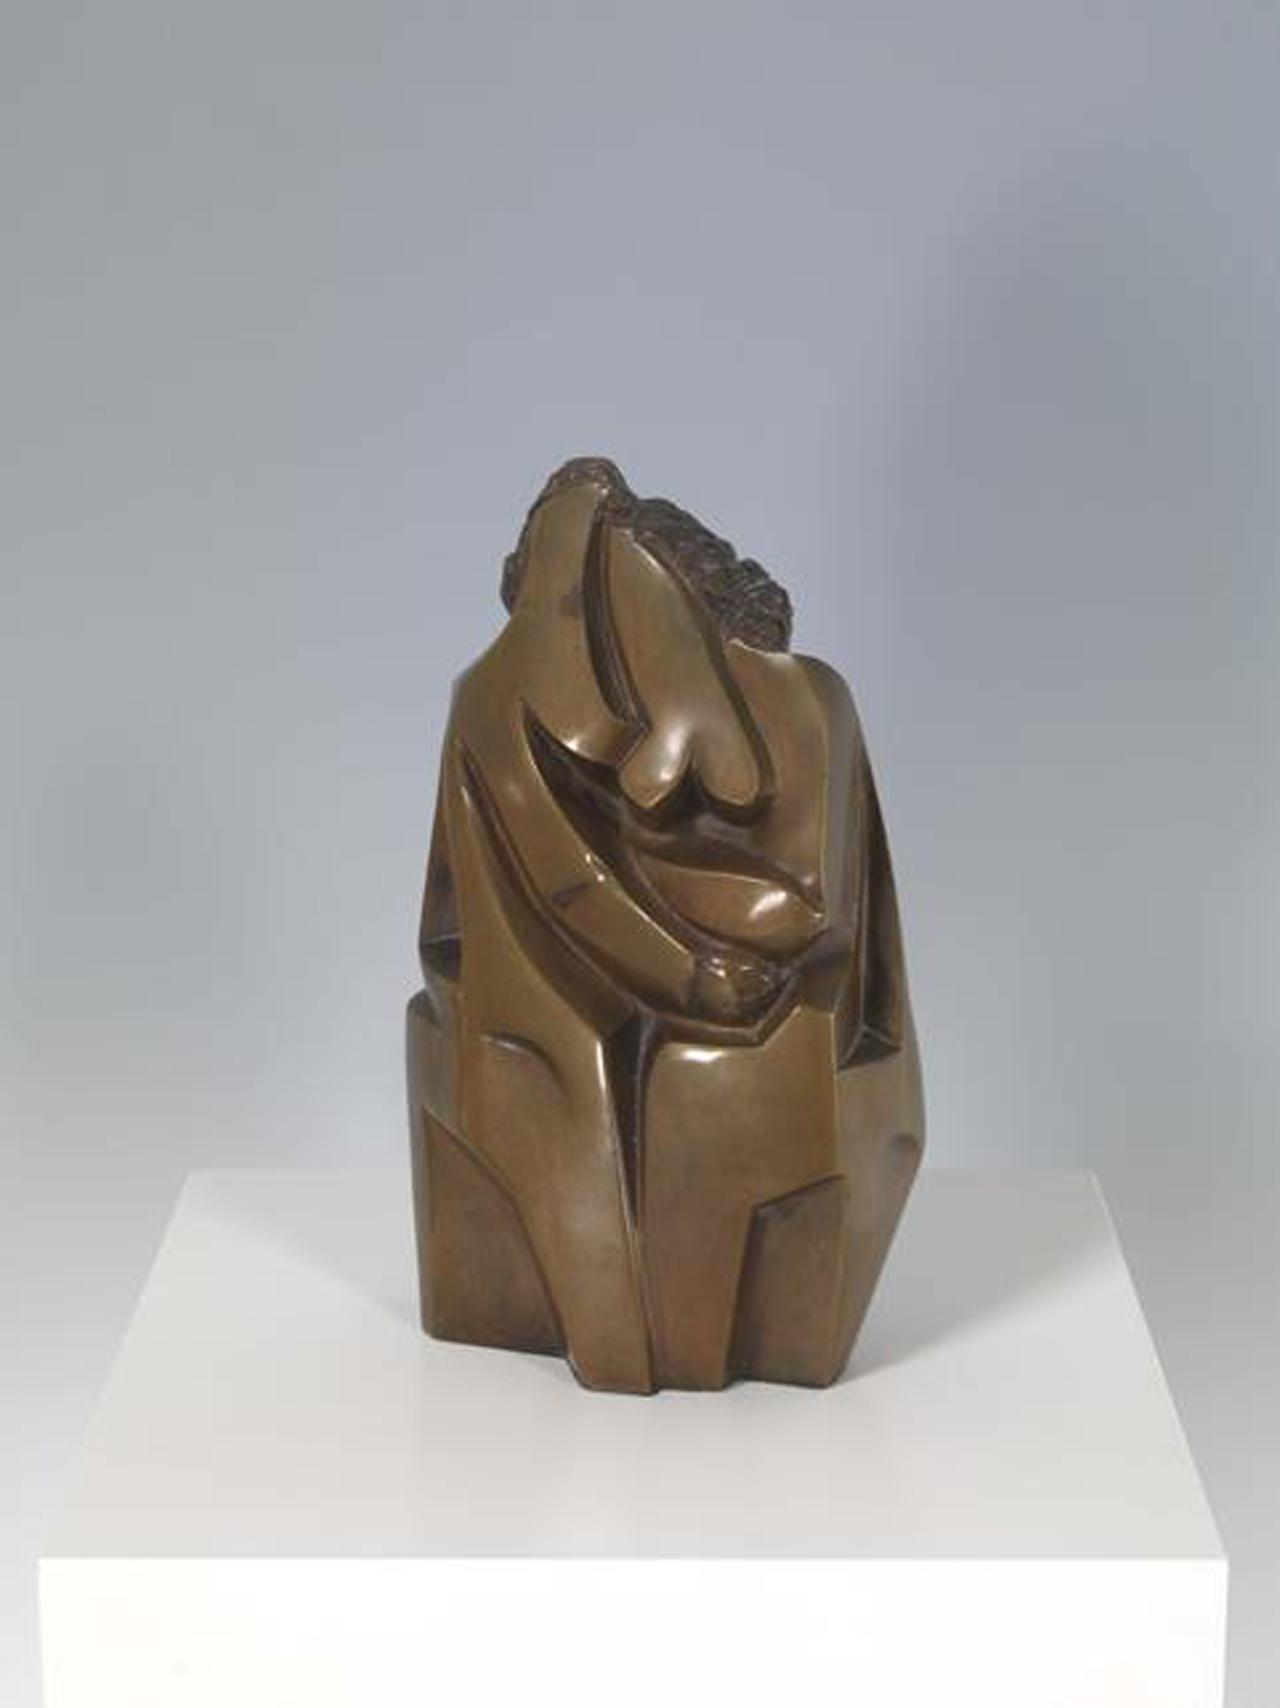 Hans Uhlmann, Schwestern, 1947, entworfen und gegossen Bronze, 27,5 x 17 x 8,3 cm